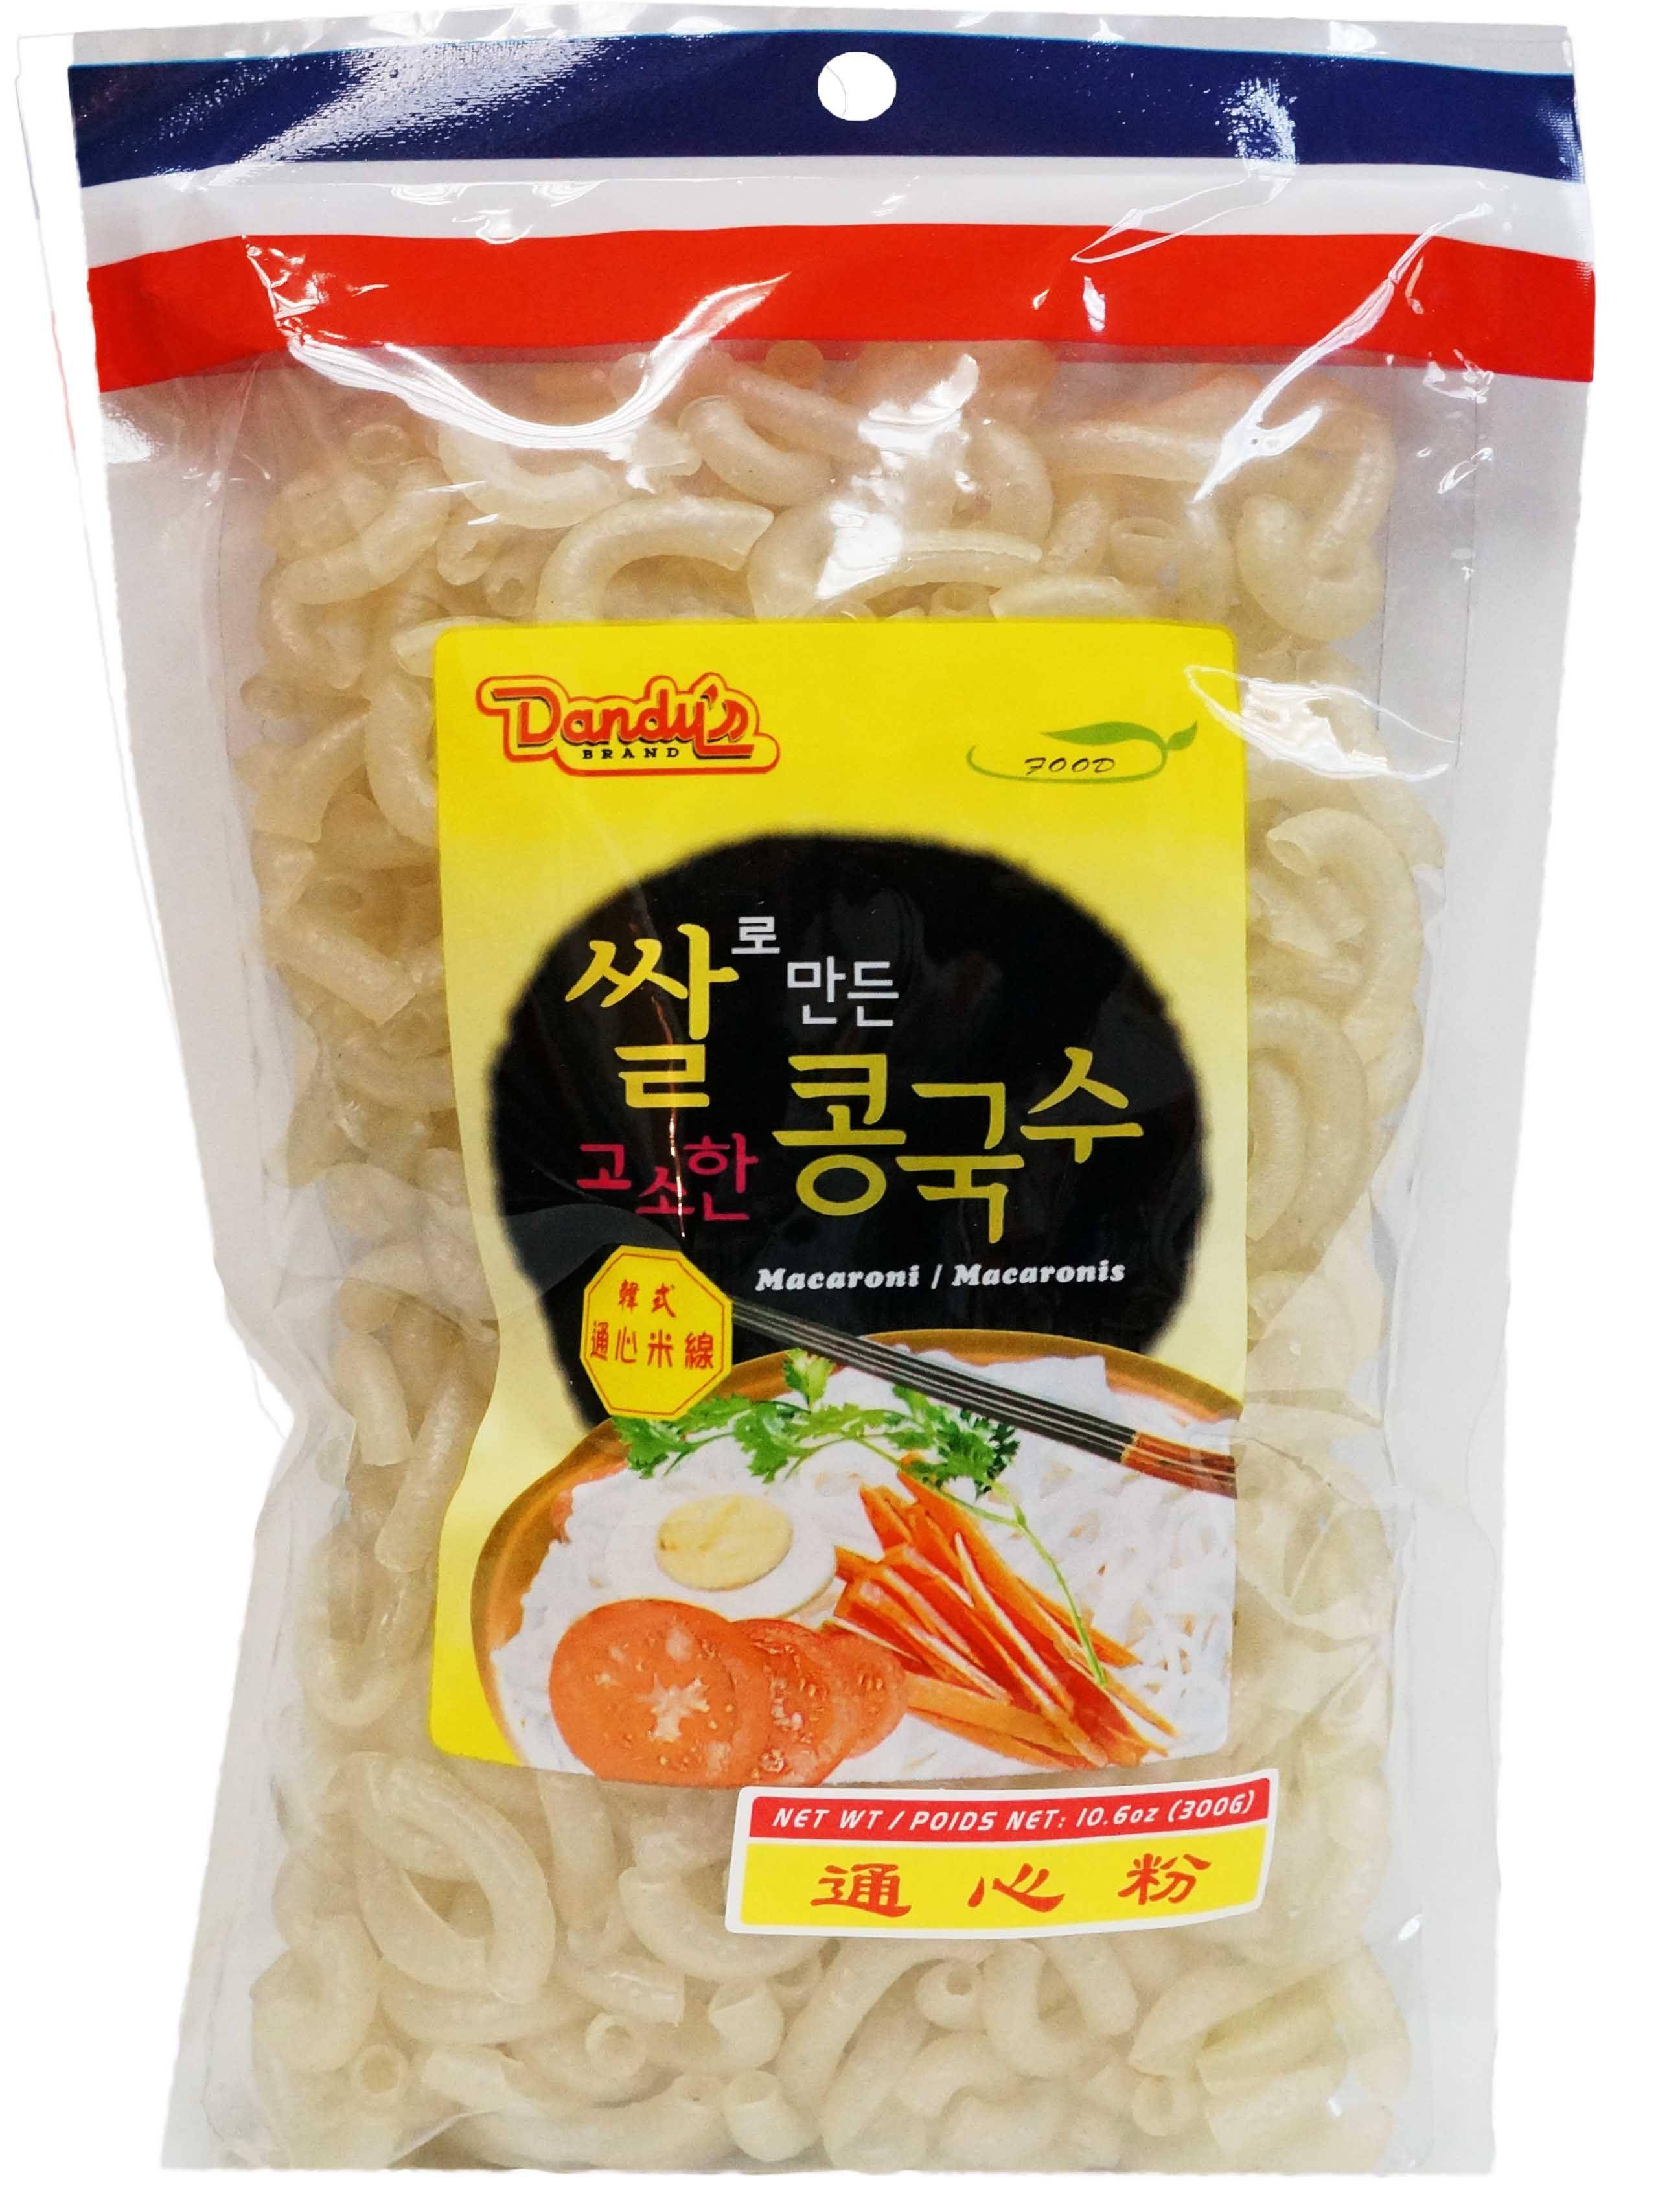 Dried Macaroni 152202d111 Po Wing Hong Noodle Pinterest Paldo Bowl Shrimp Flavor 86 Gram